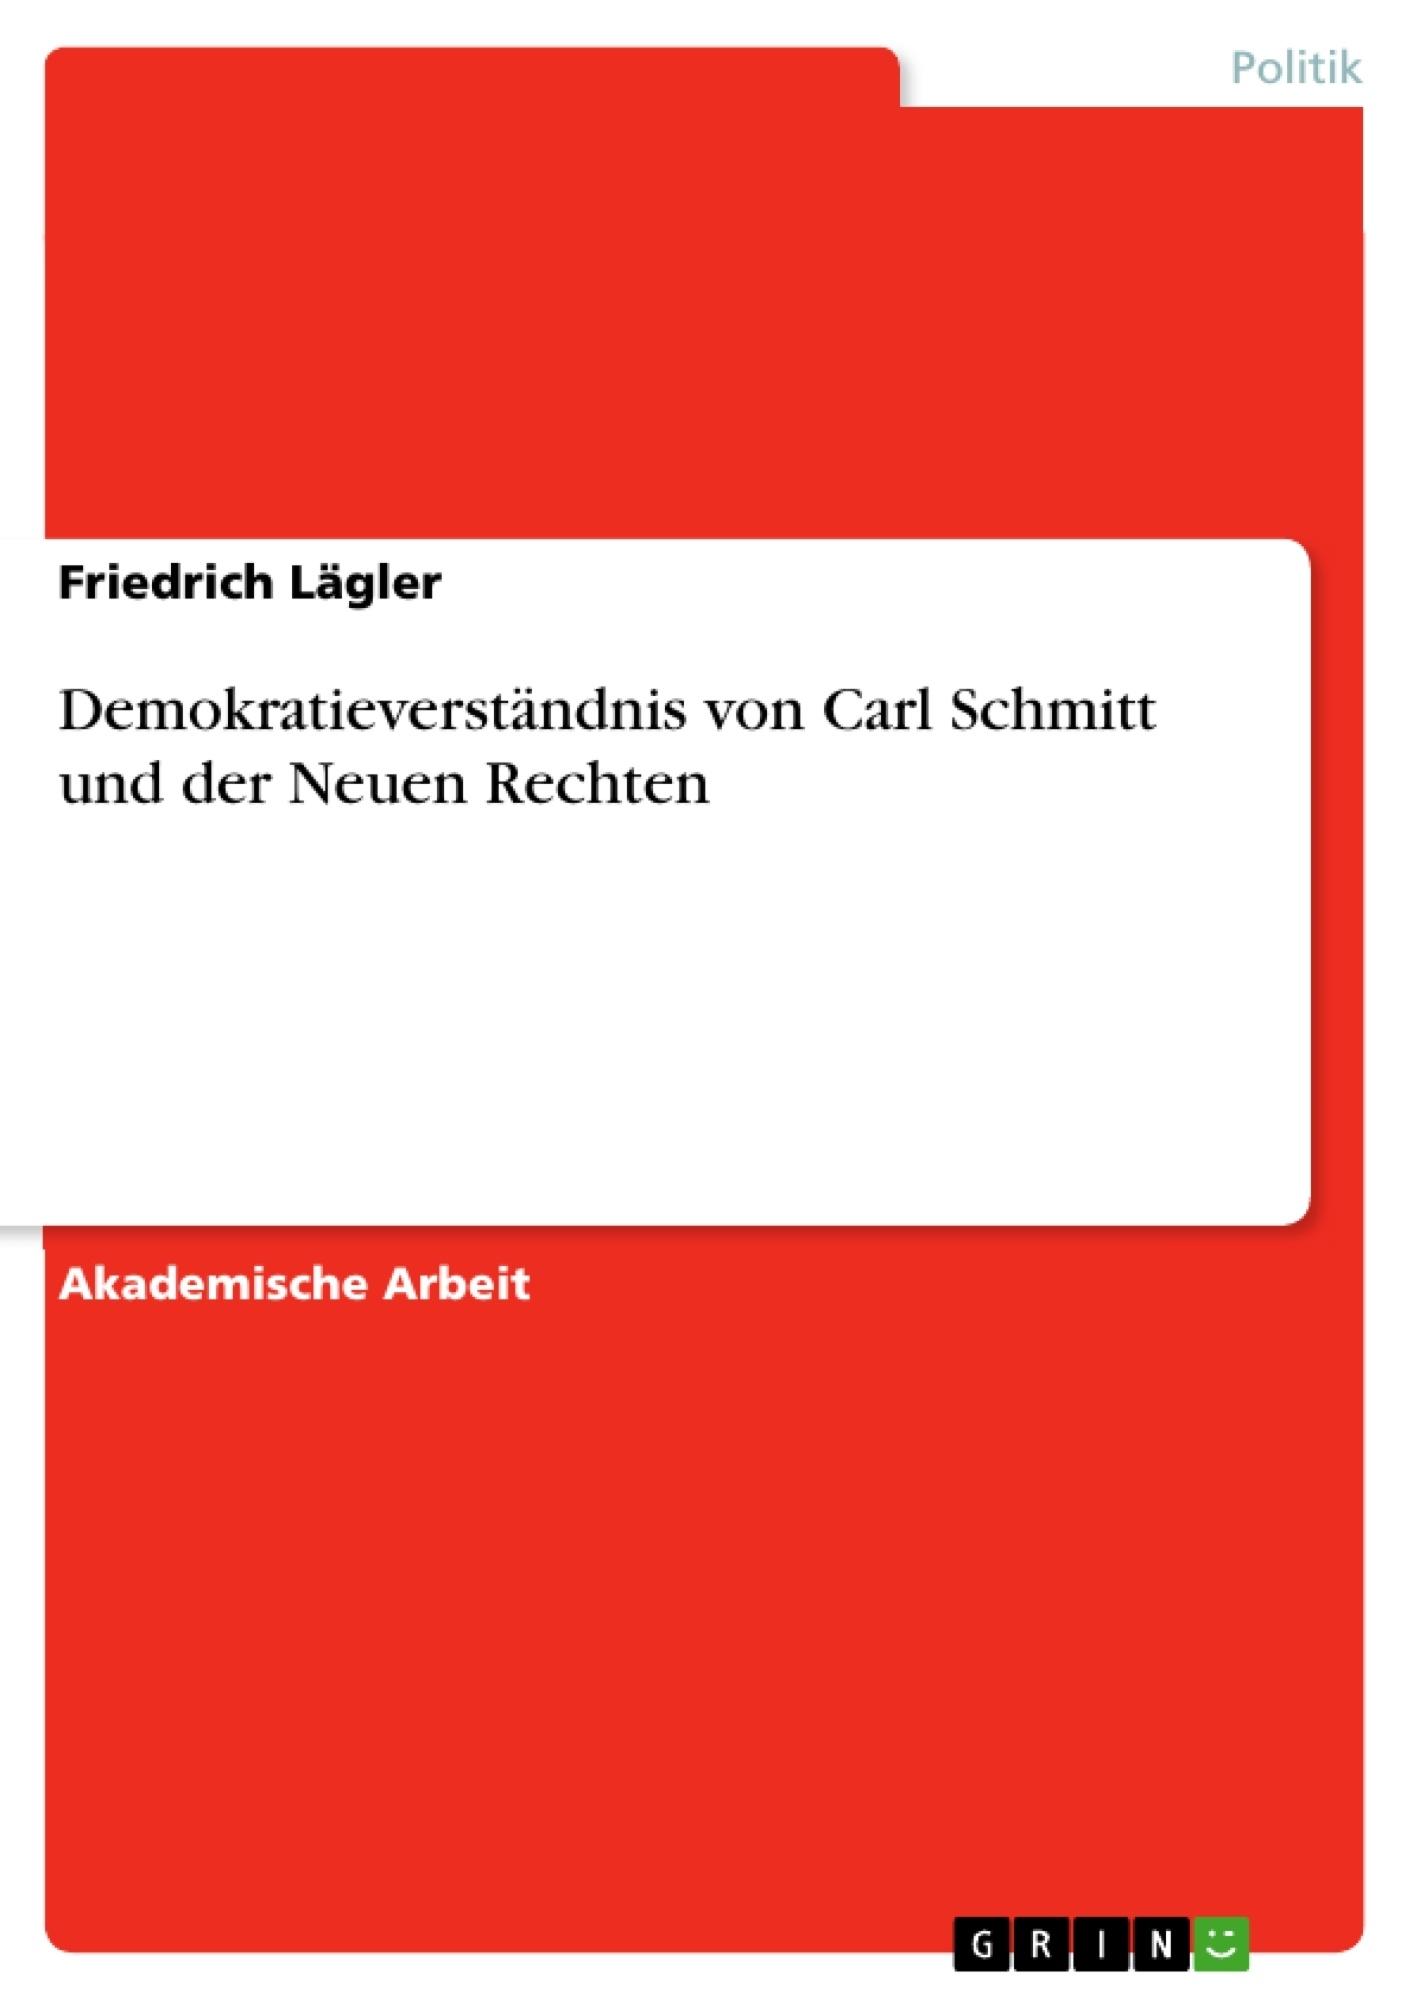 Titel: Demokratieverständnis von Carl Schmitt und der Neuen Rechten